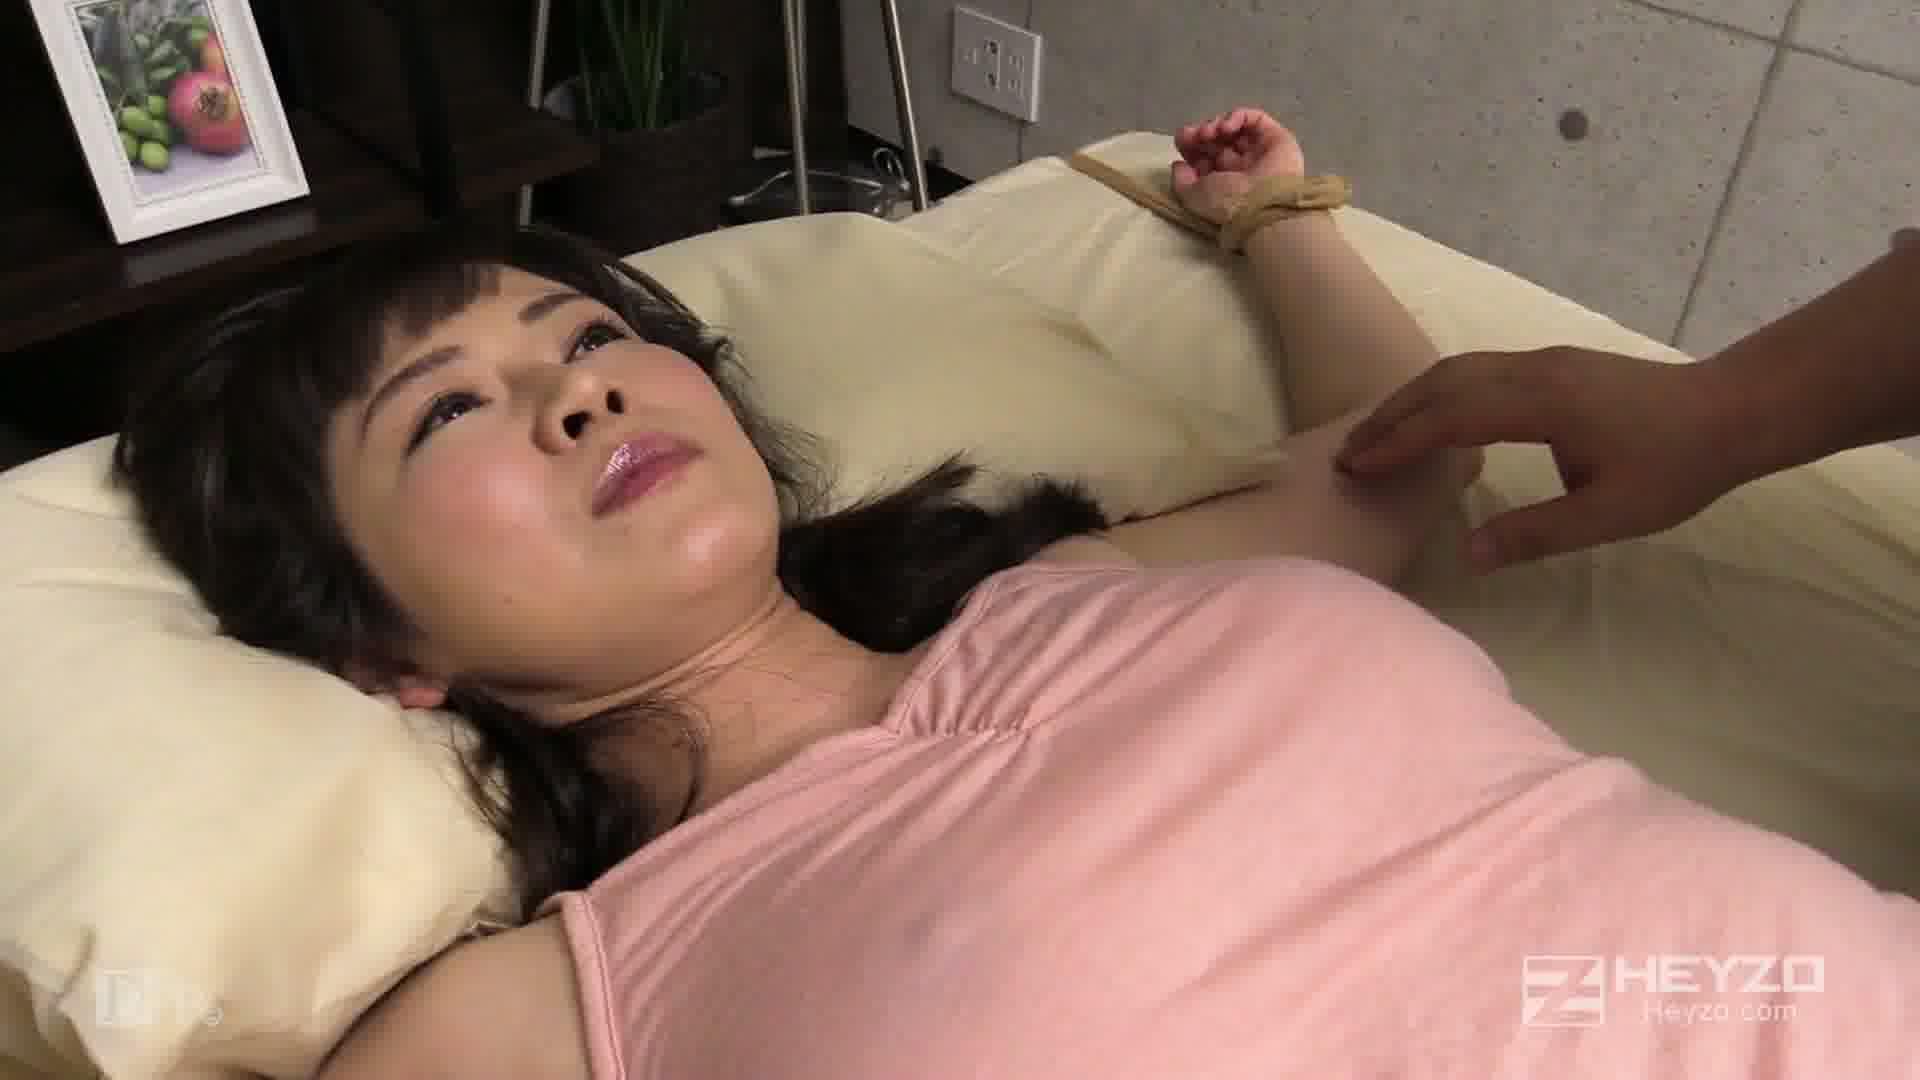 敏感熟女にエッチなくすぐり特訓 - 西岡奈央【くすぐり ローター 電マ】